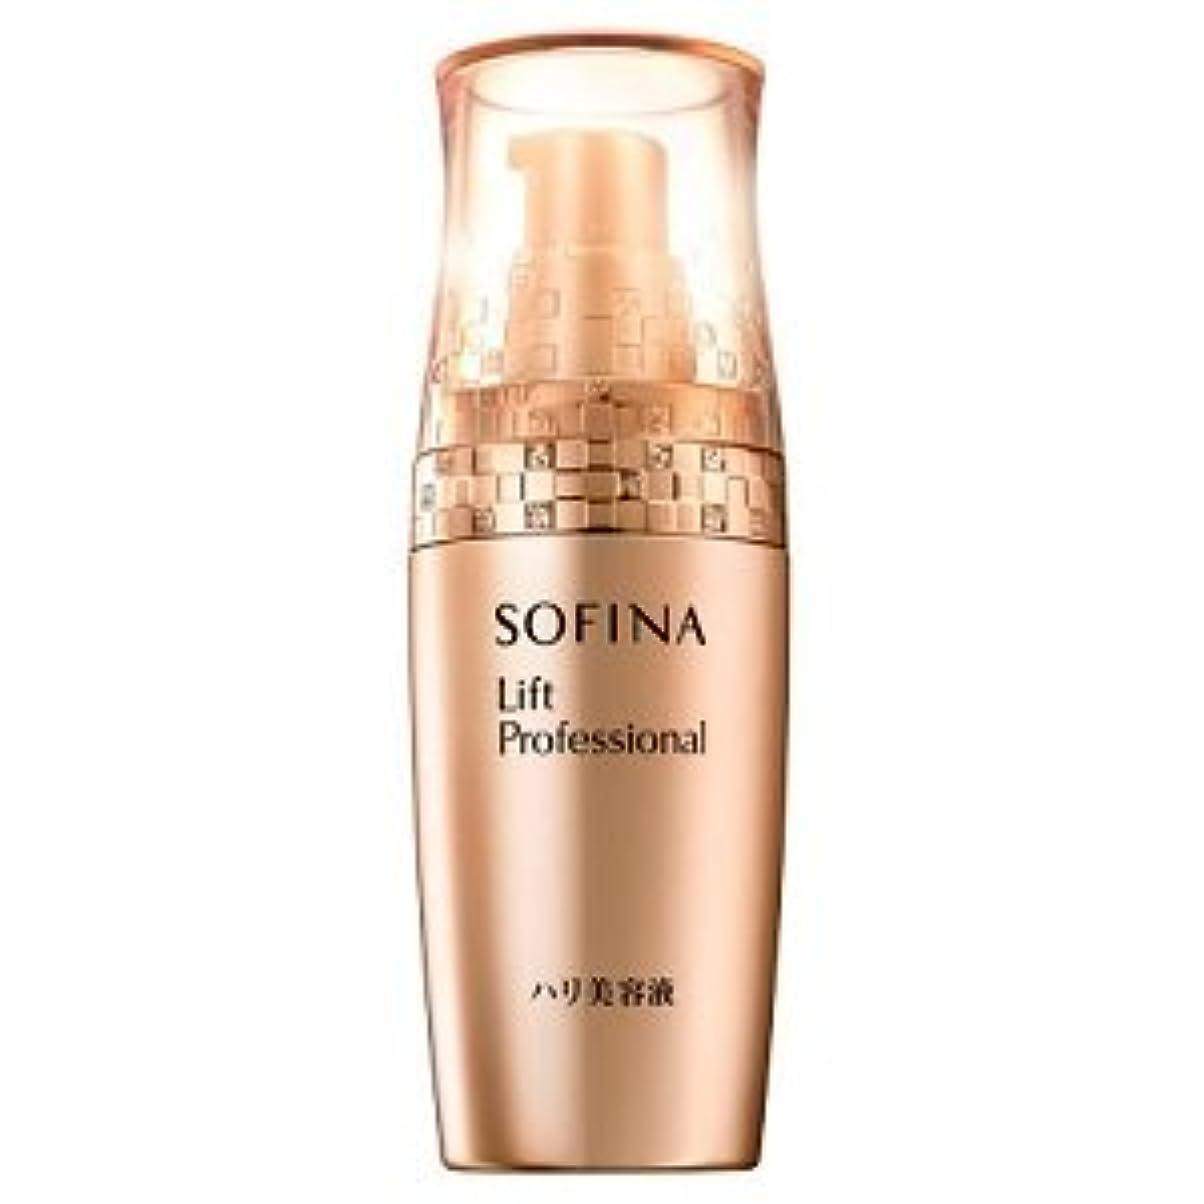 批判する提唱する偶然の花王 ソフィーナ リフトプロフェッショナル ハリ美容液 40g